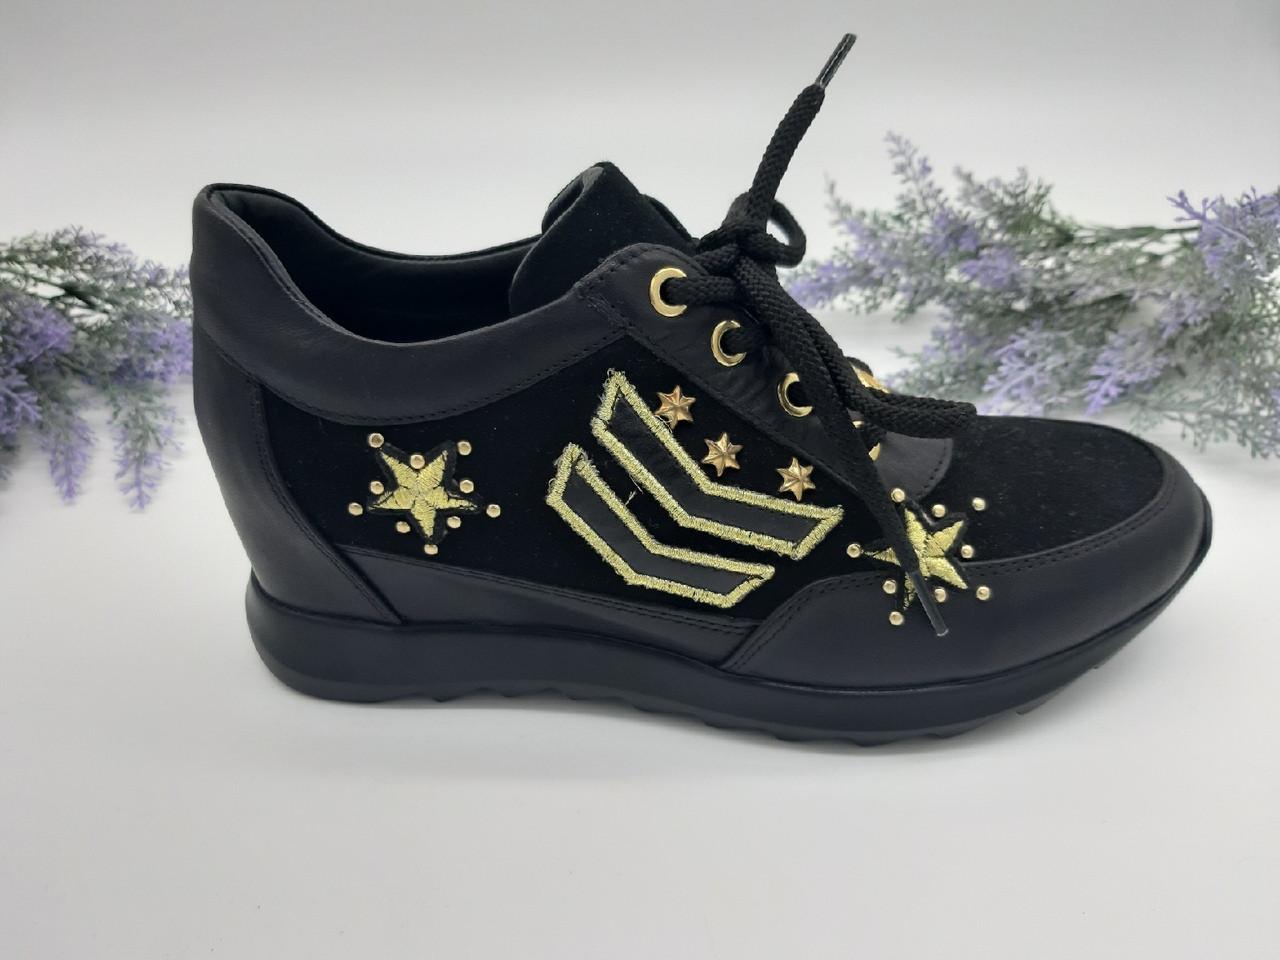 c8ac050e Кроссовки женские ALPINO черный 17-0398 кожа 38(р), цена 1 512 грн ...